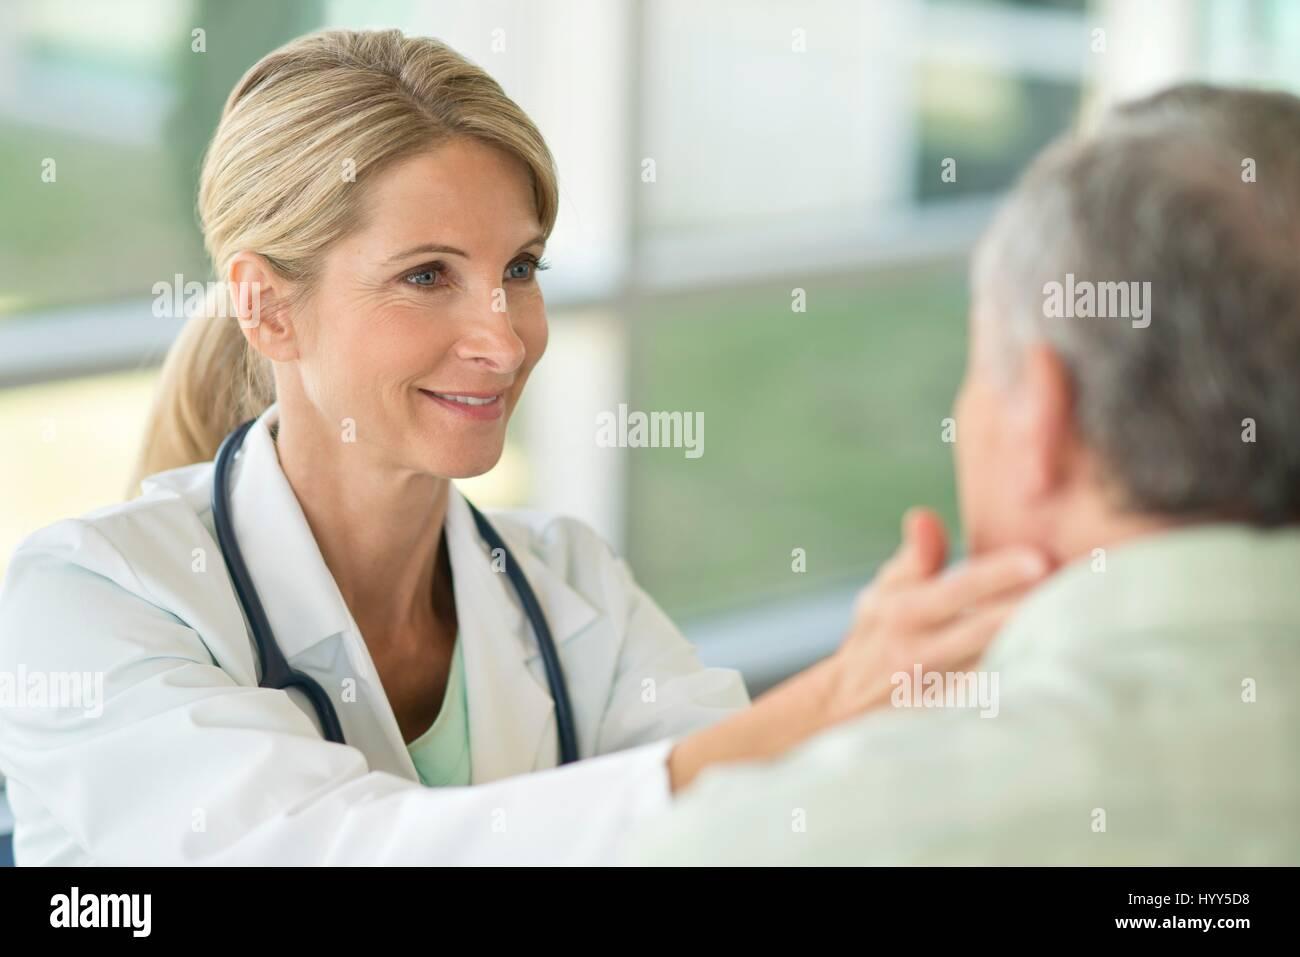 Doctora tocando el hombre superior del cuello. Imagen De Stock